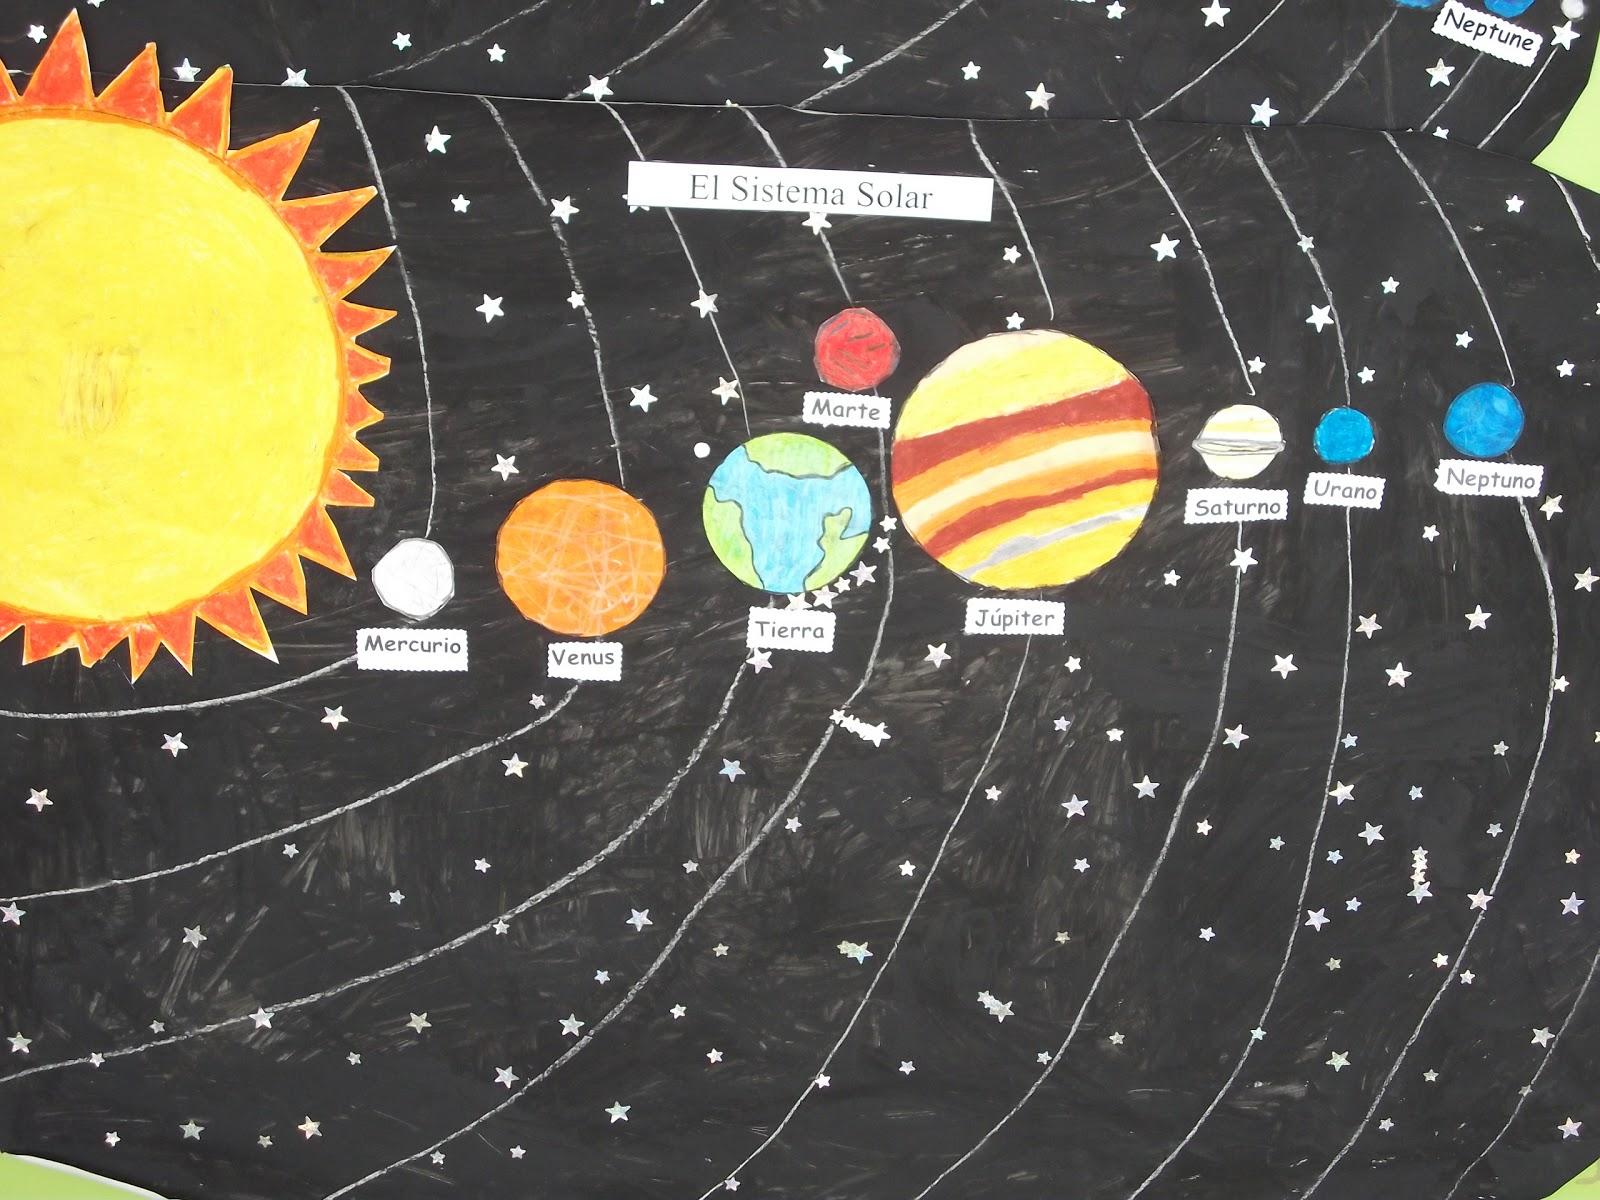 Fotos del Sistema Solar - Astronomía Educativa: Tierra